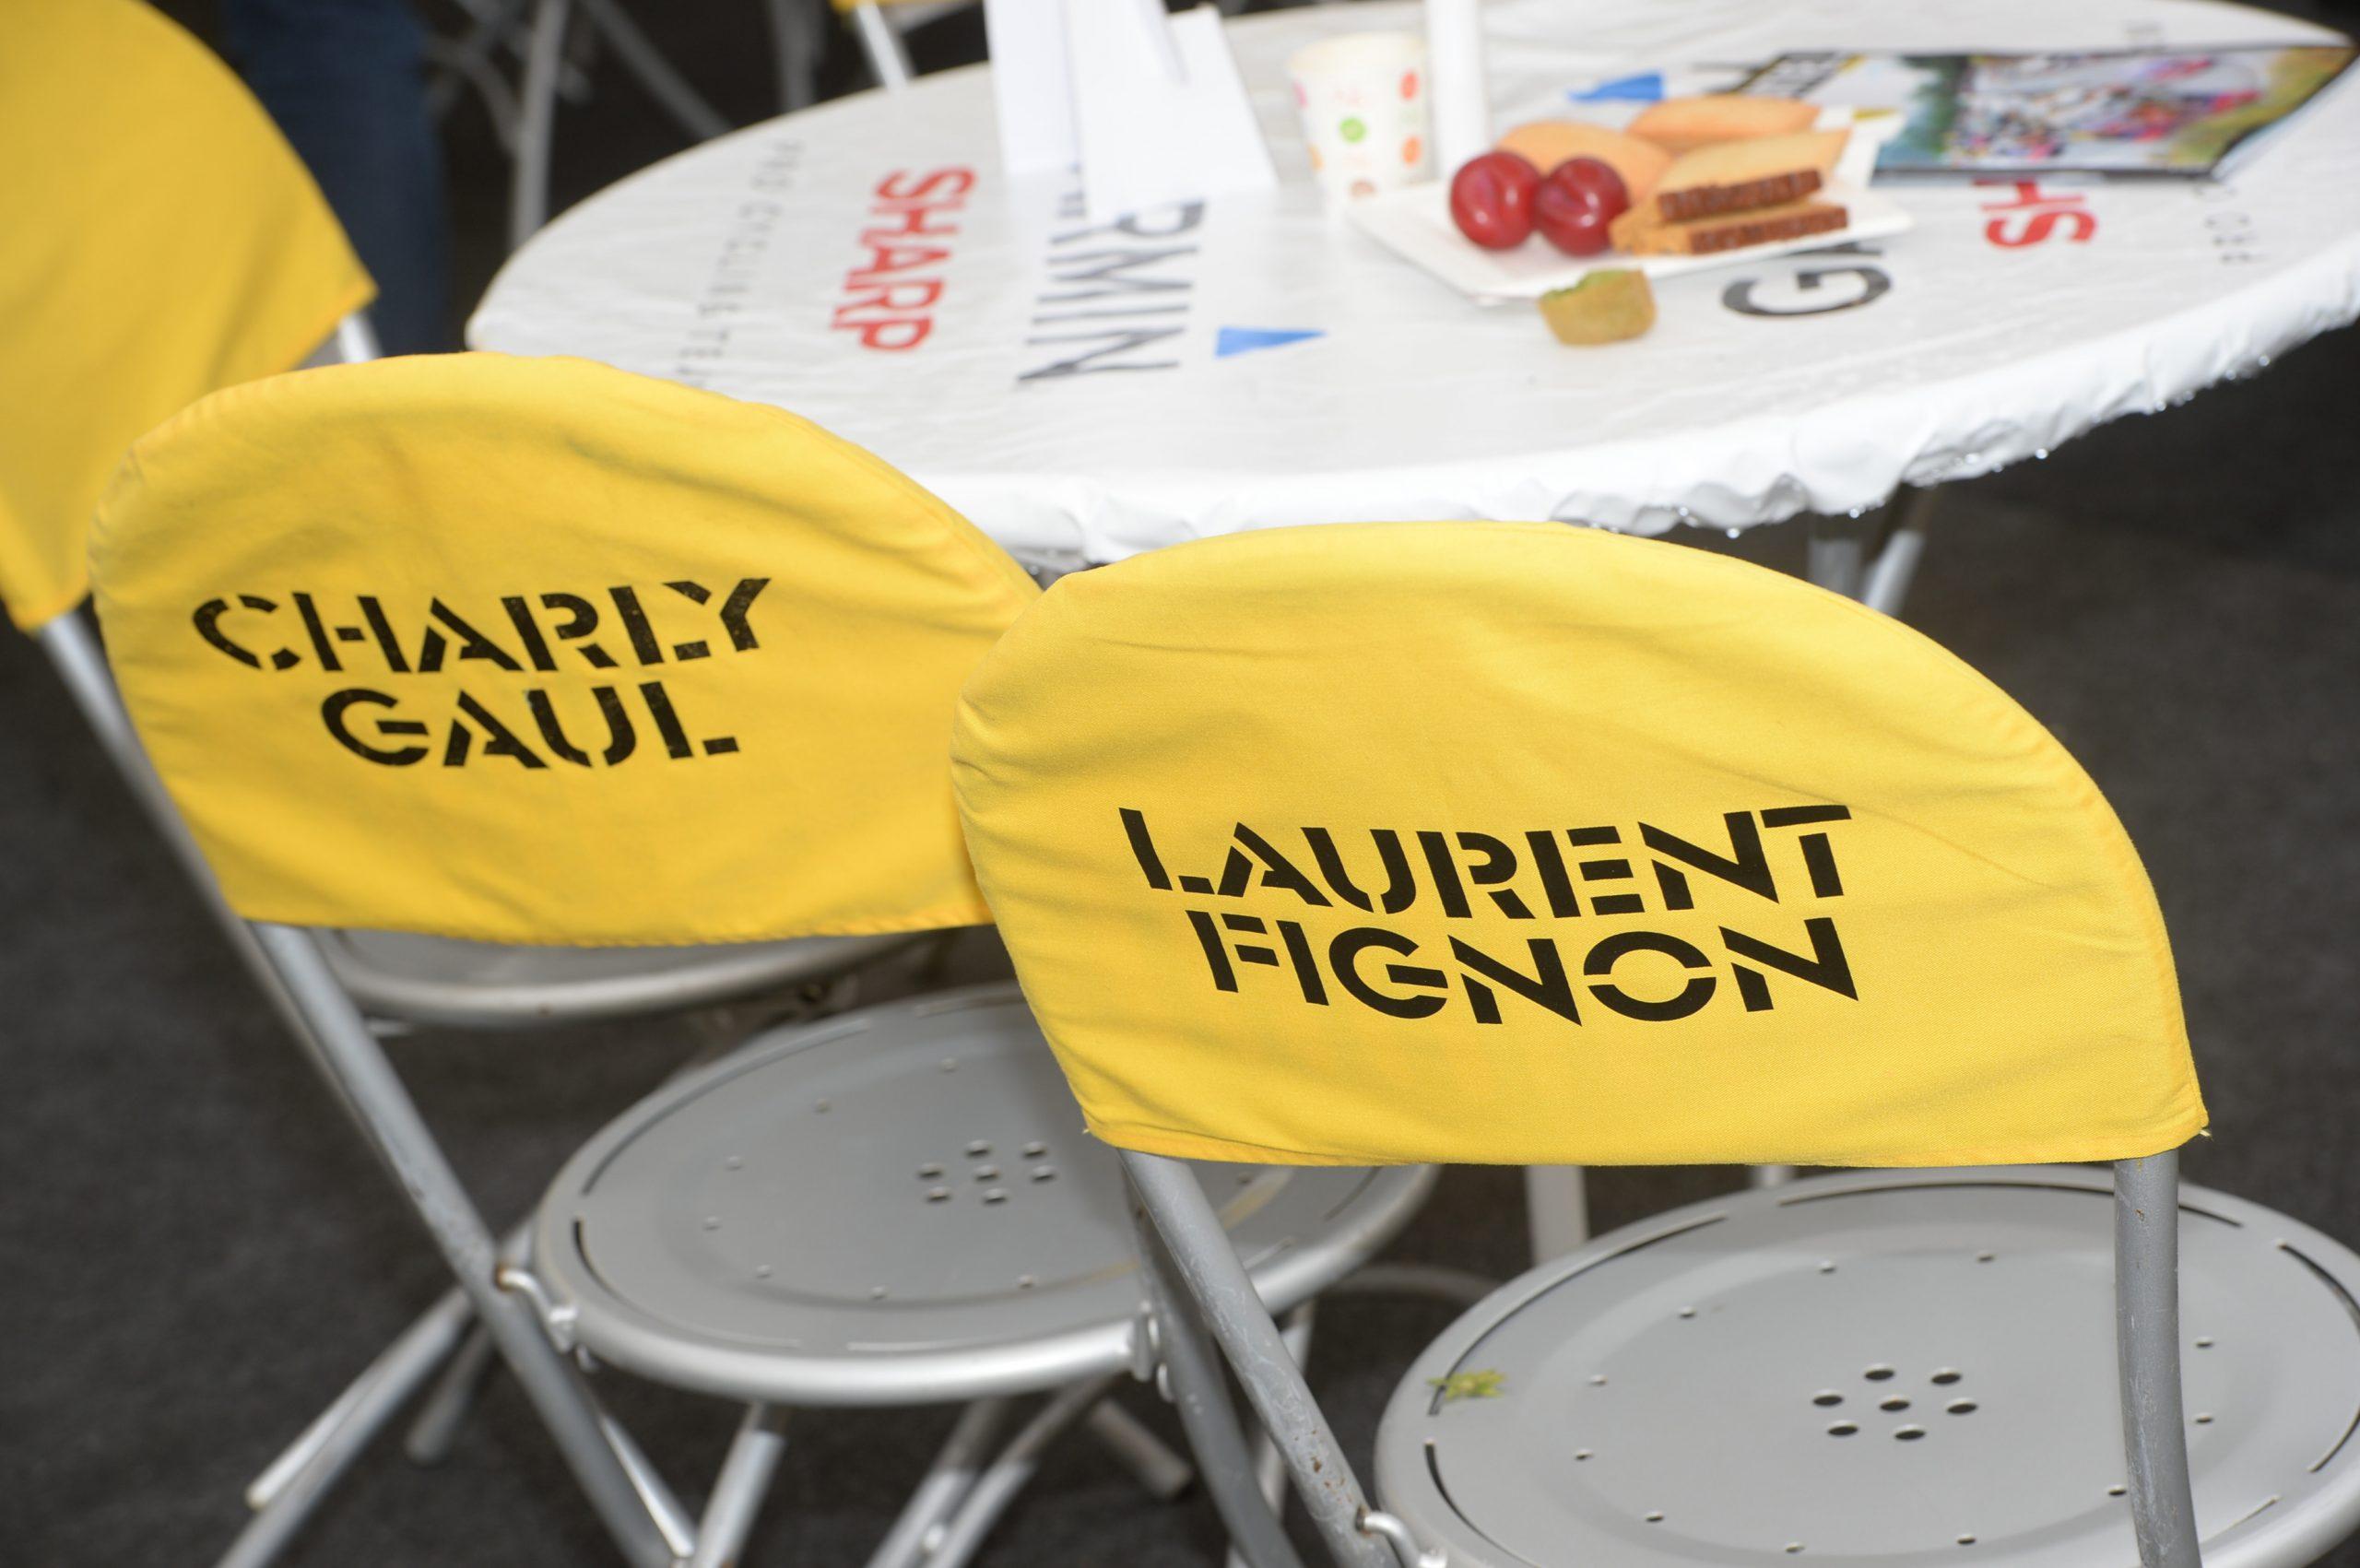 A rajtnál minden klappolt: a székeken a korábbi győztesek nevei.